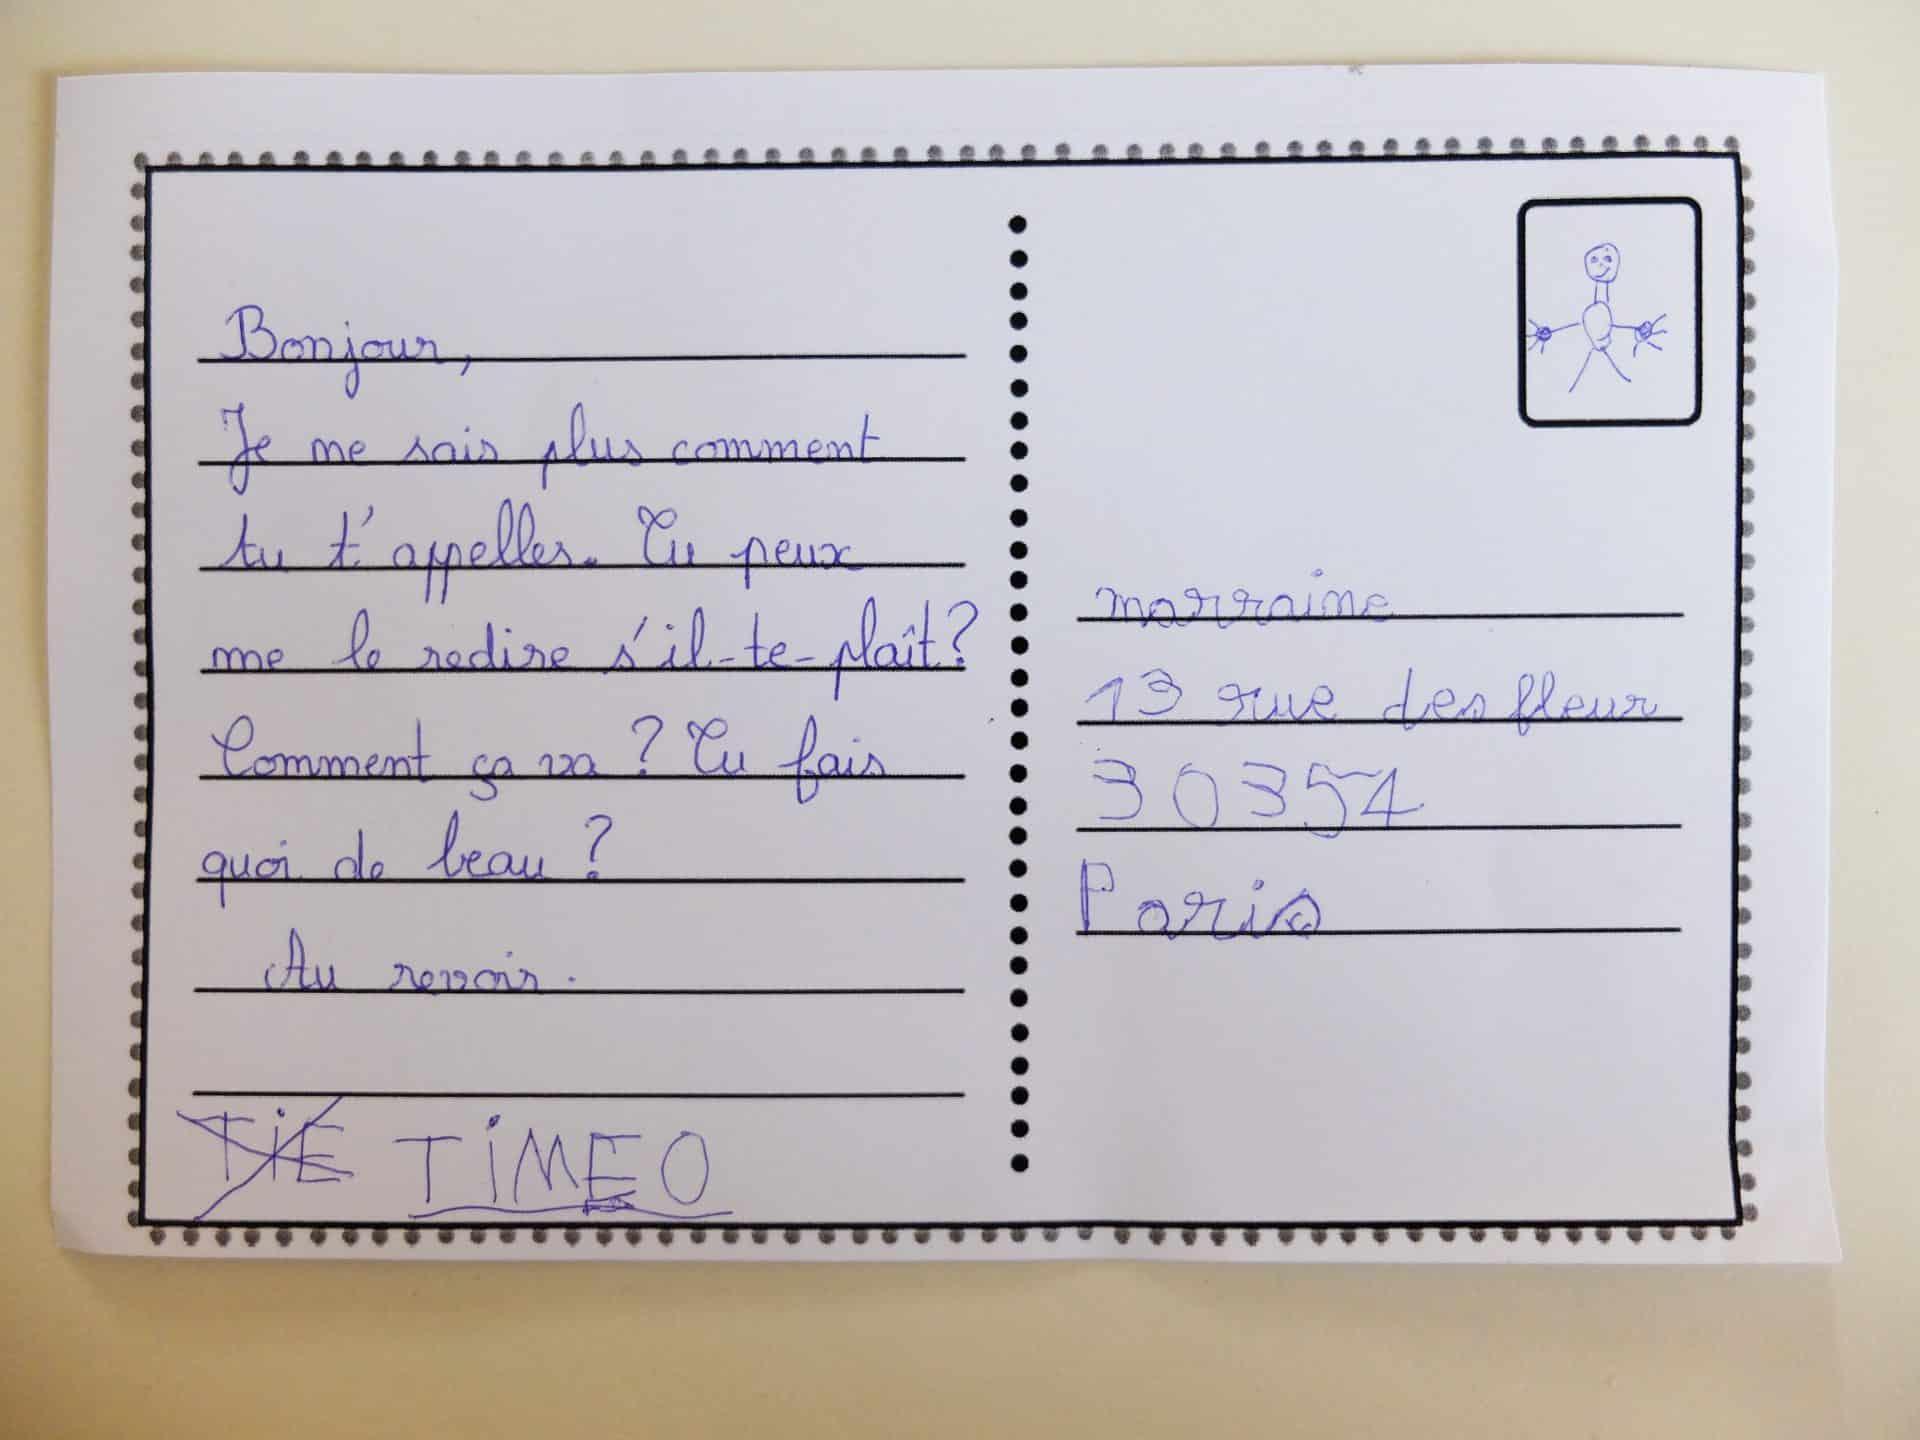 Photo d'une carte postale rédigée par un enfant